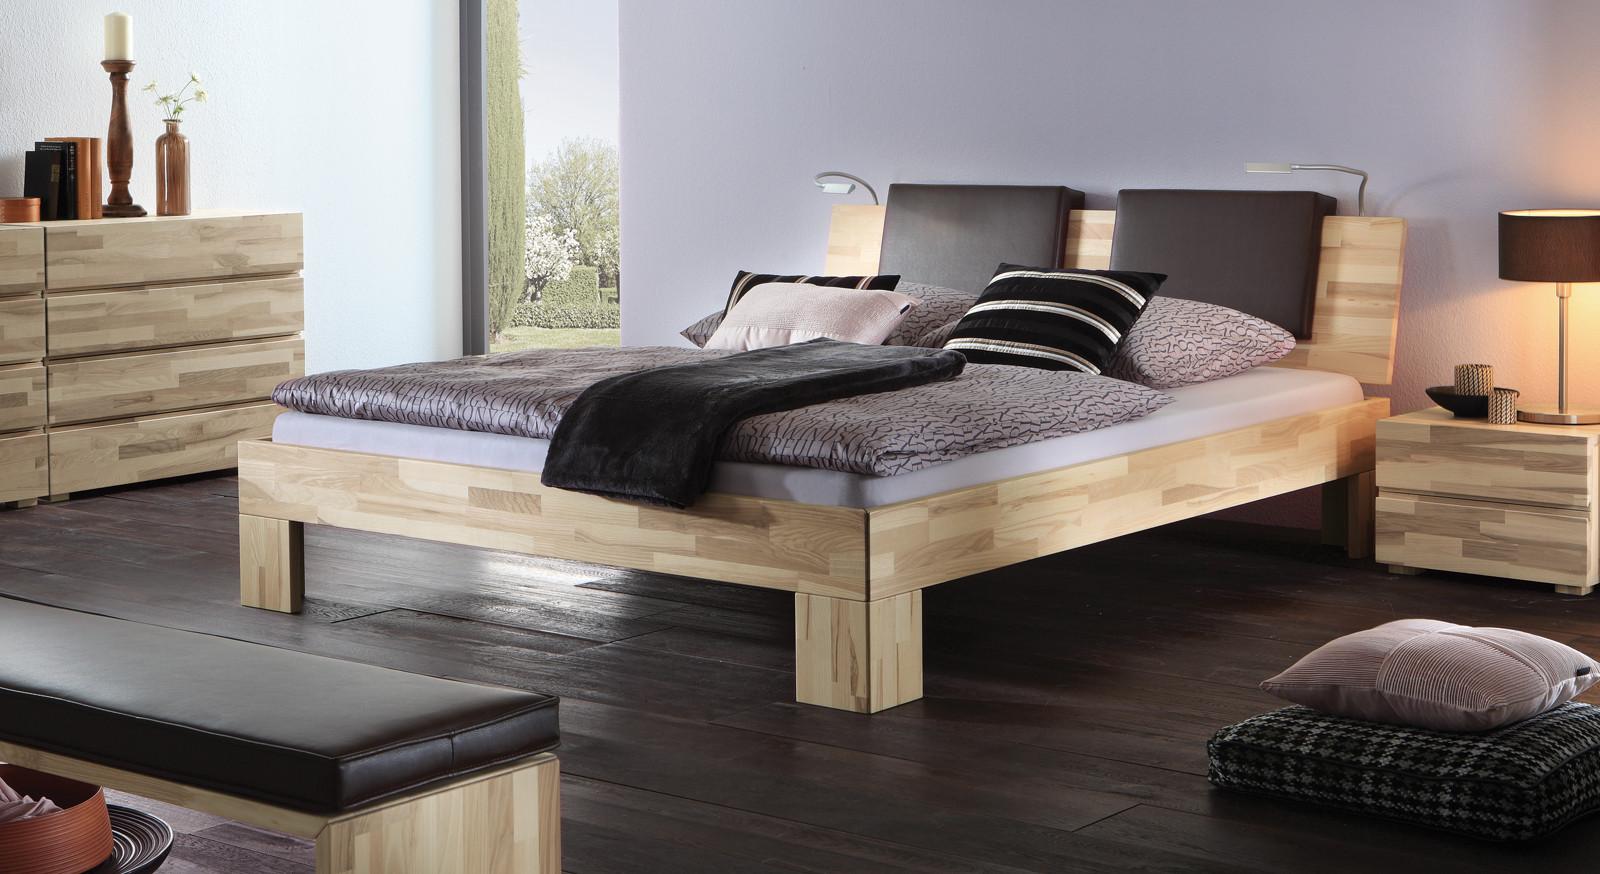 Bett Komplett  Bett komplett mit Lattenrost und Matratzen Bett El Paso